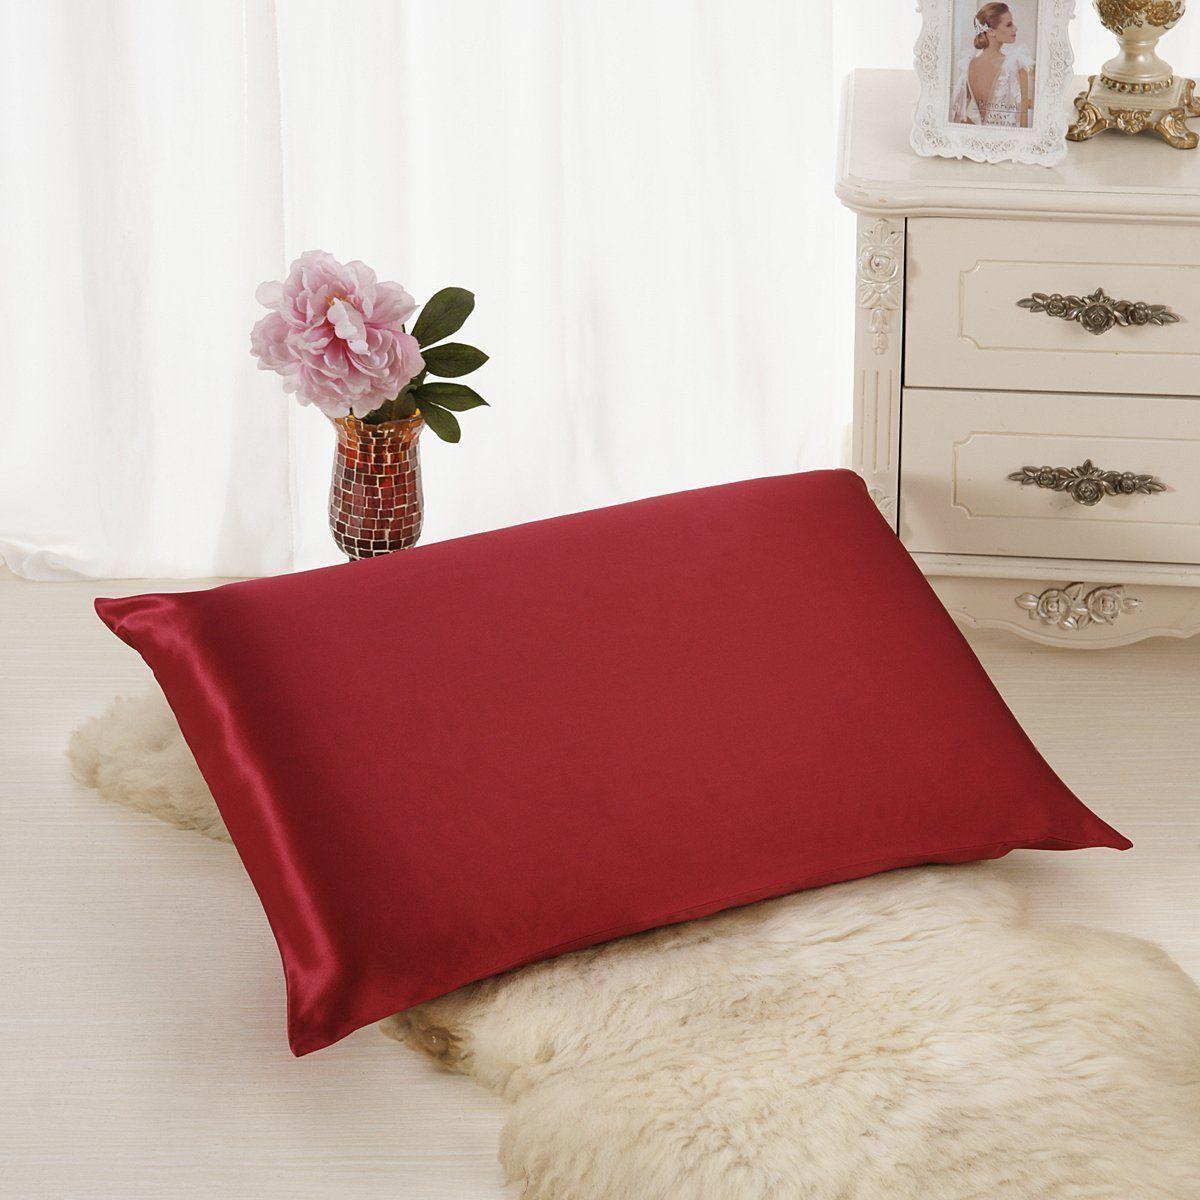 ALASKA BEAR - Luxurious 18 momme weight Silk Pillowcase, 18 ...